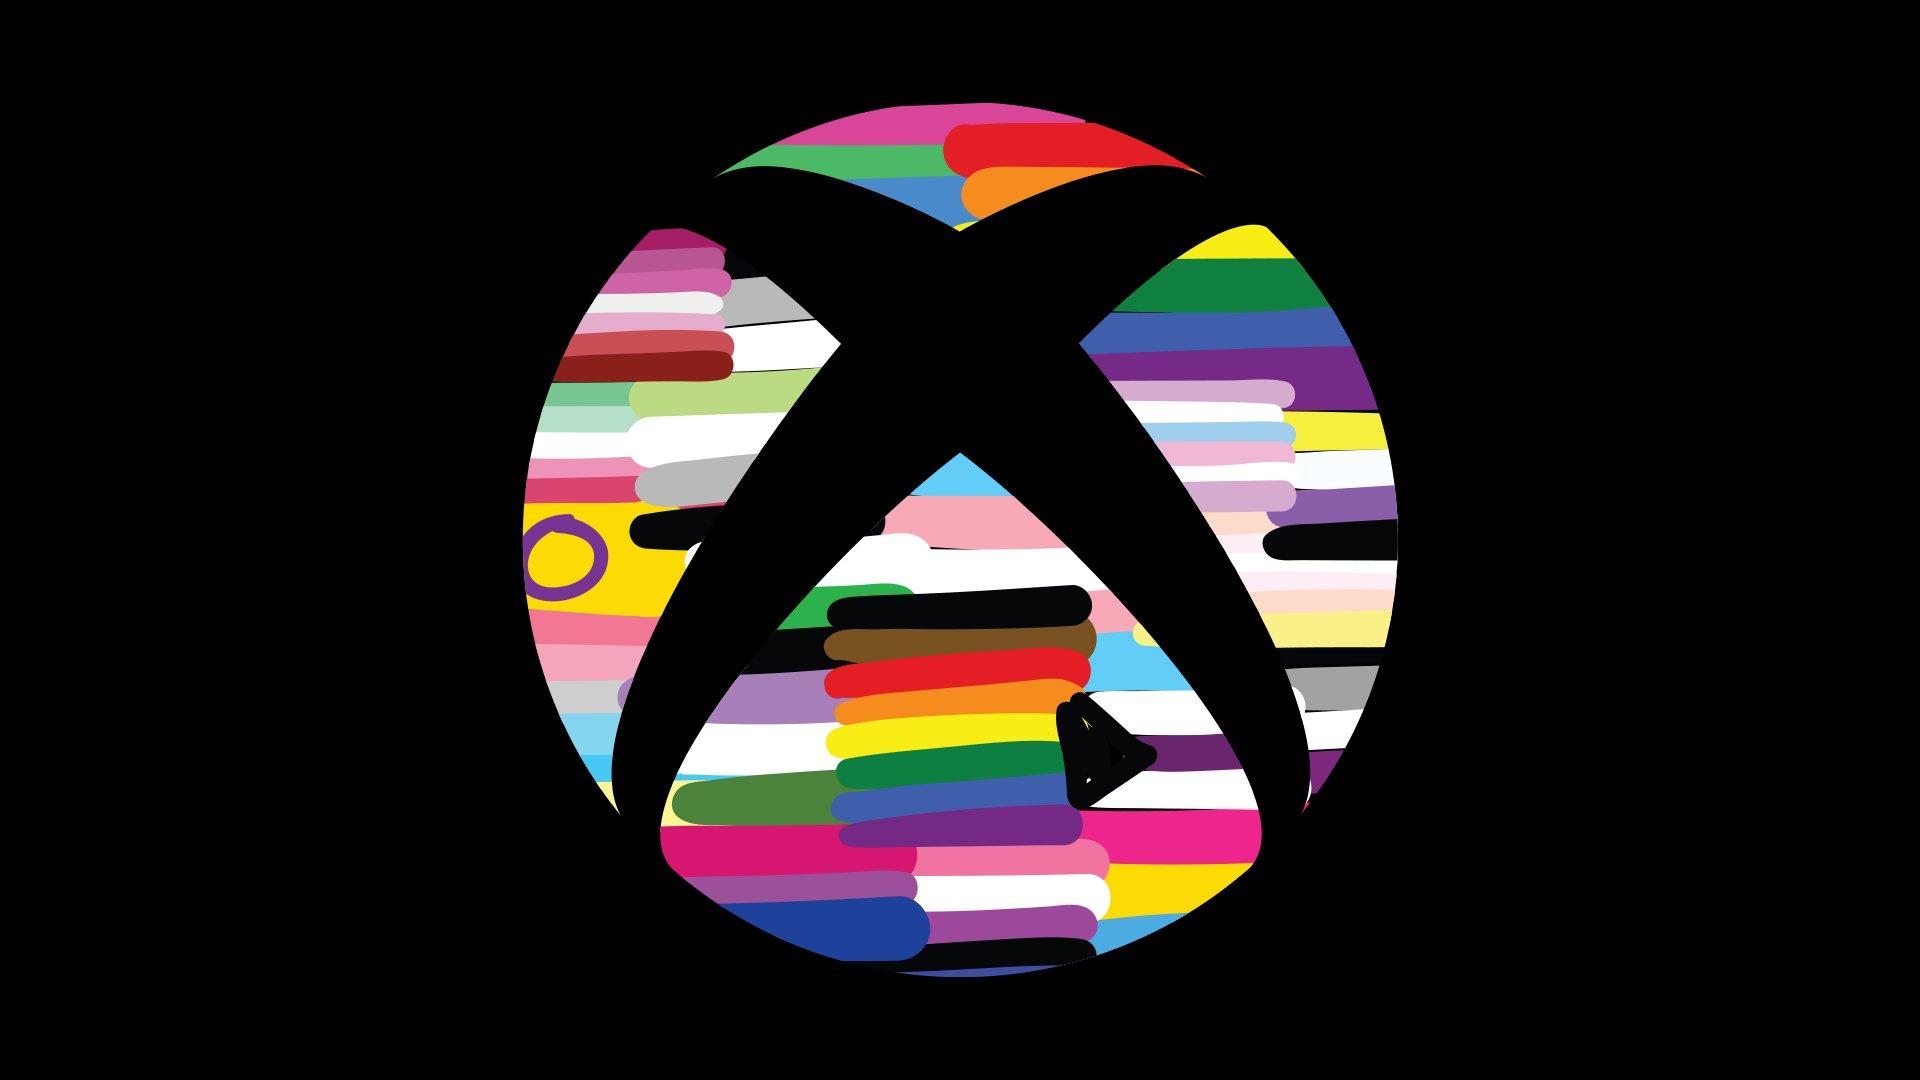 Xbox supporta il Pride Month con una donazione di $250,000 thumbnail